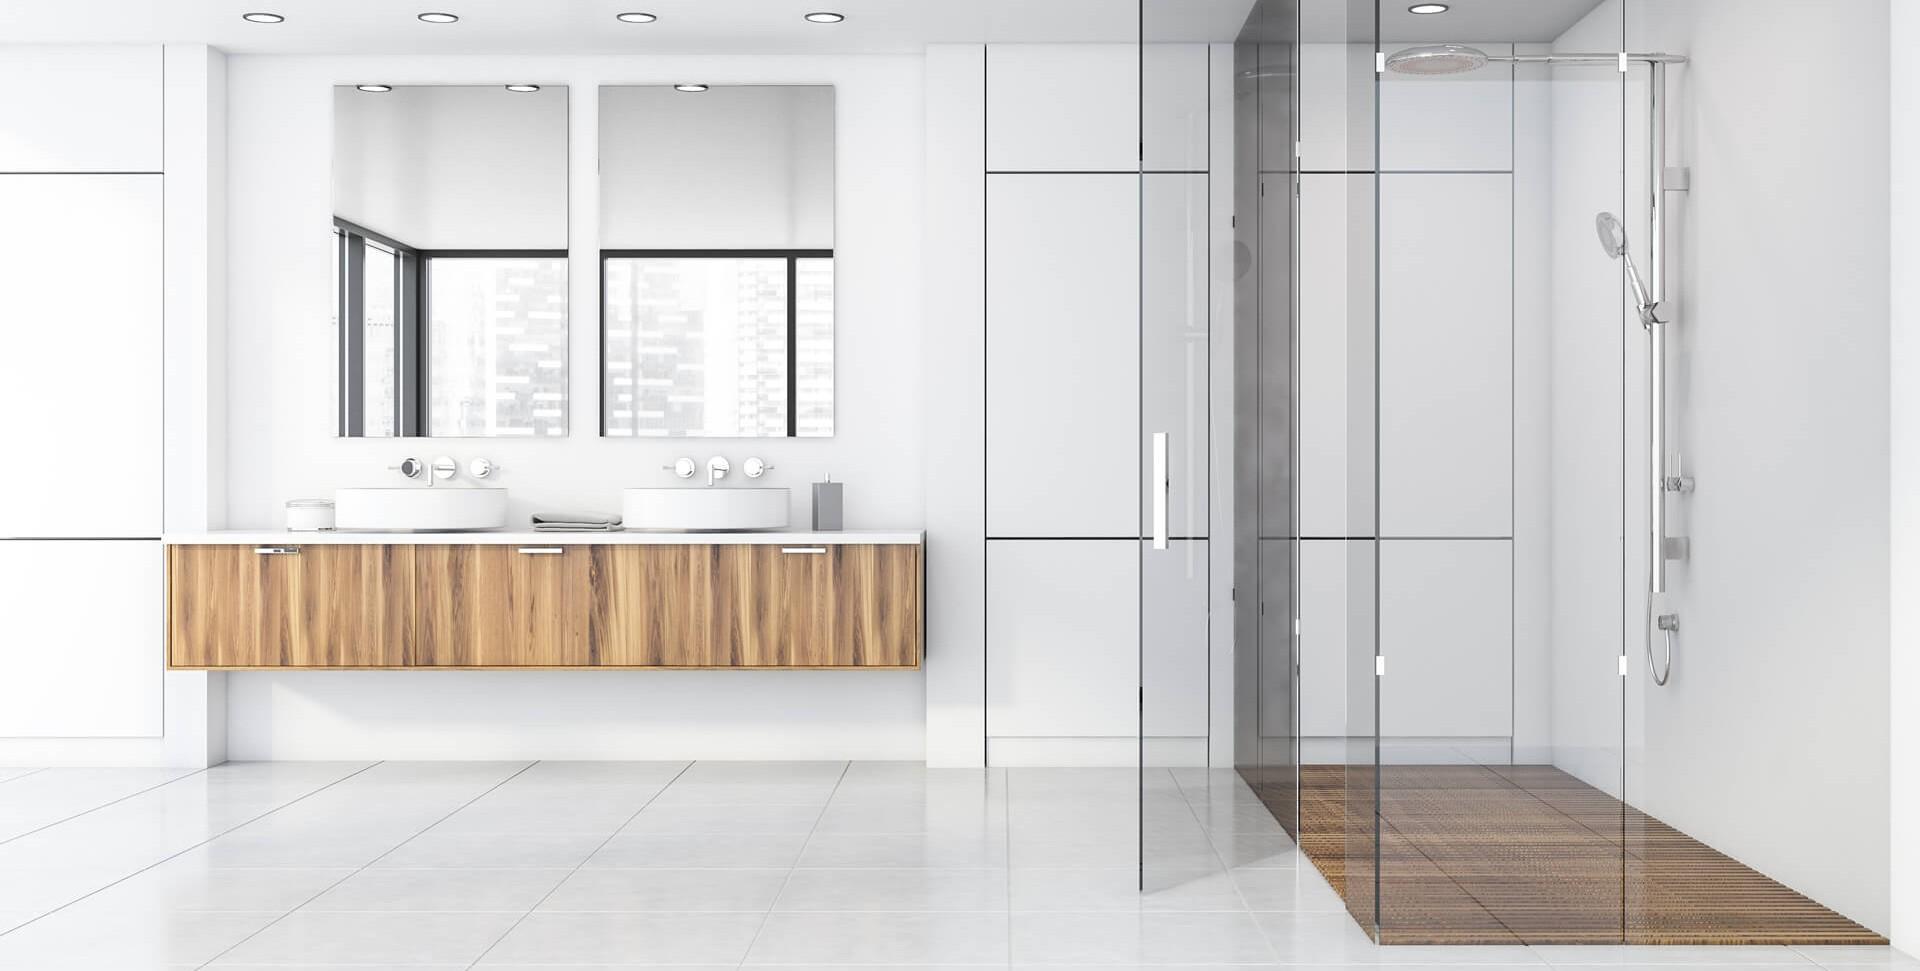 Full Size of Behindertengerechte Dusche Fliesen Badezimmer 80x80 Nischentür Sprinz Duschen Eckeinstieg Antirutschmatte Komplett Set Badewanne Begehbare Ohne Tür Dusche Bodengleiche Dusche Fliesen